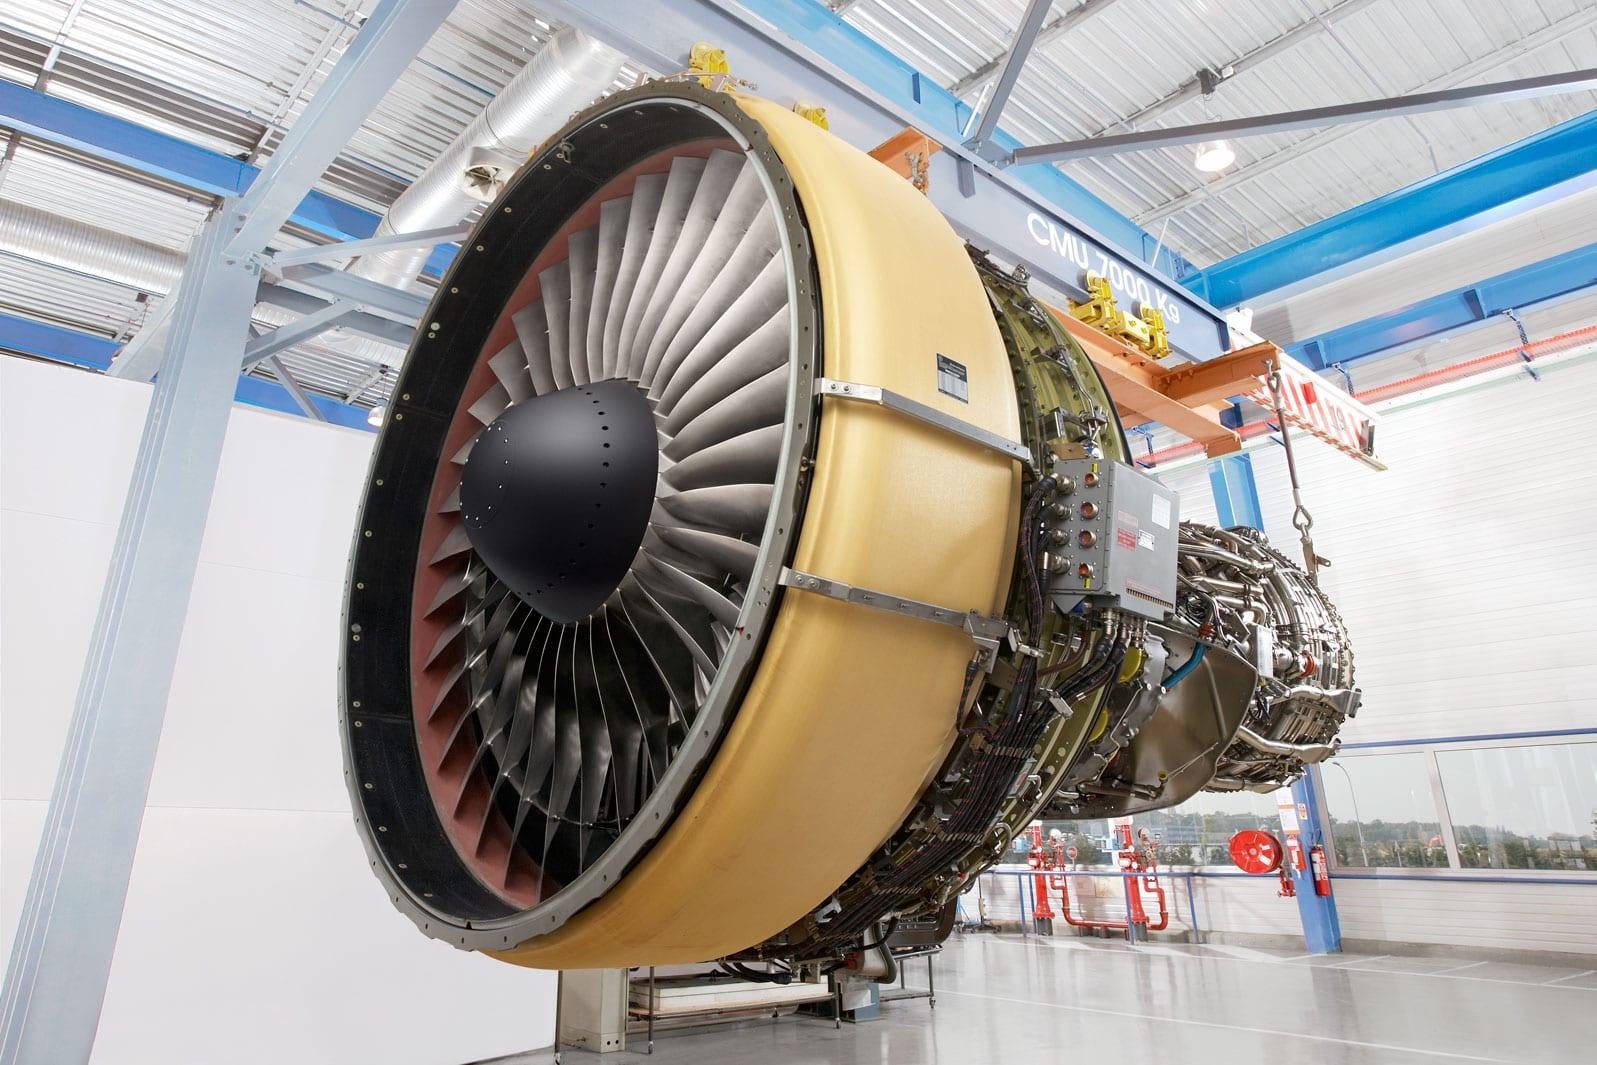 مقایسه موتور CF6-80C2 با چند موتور منتخب [فیلم]